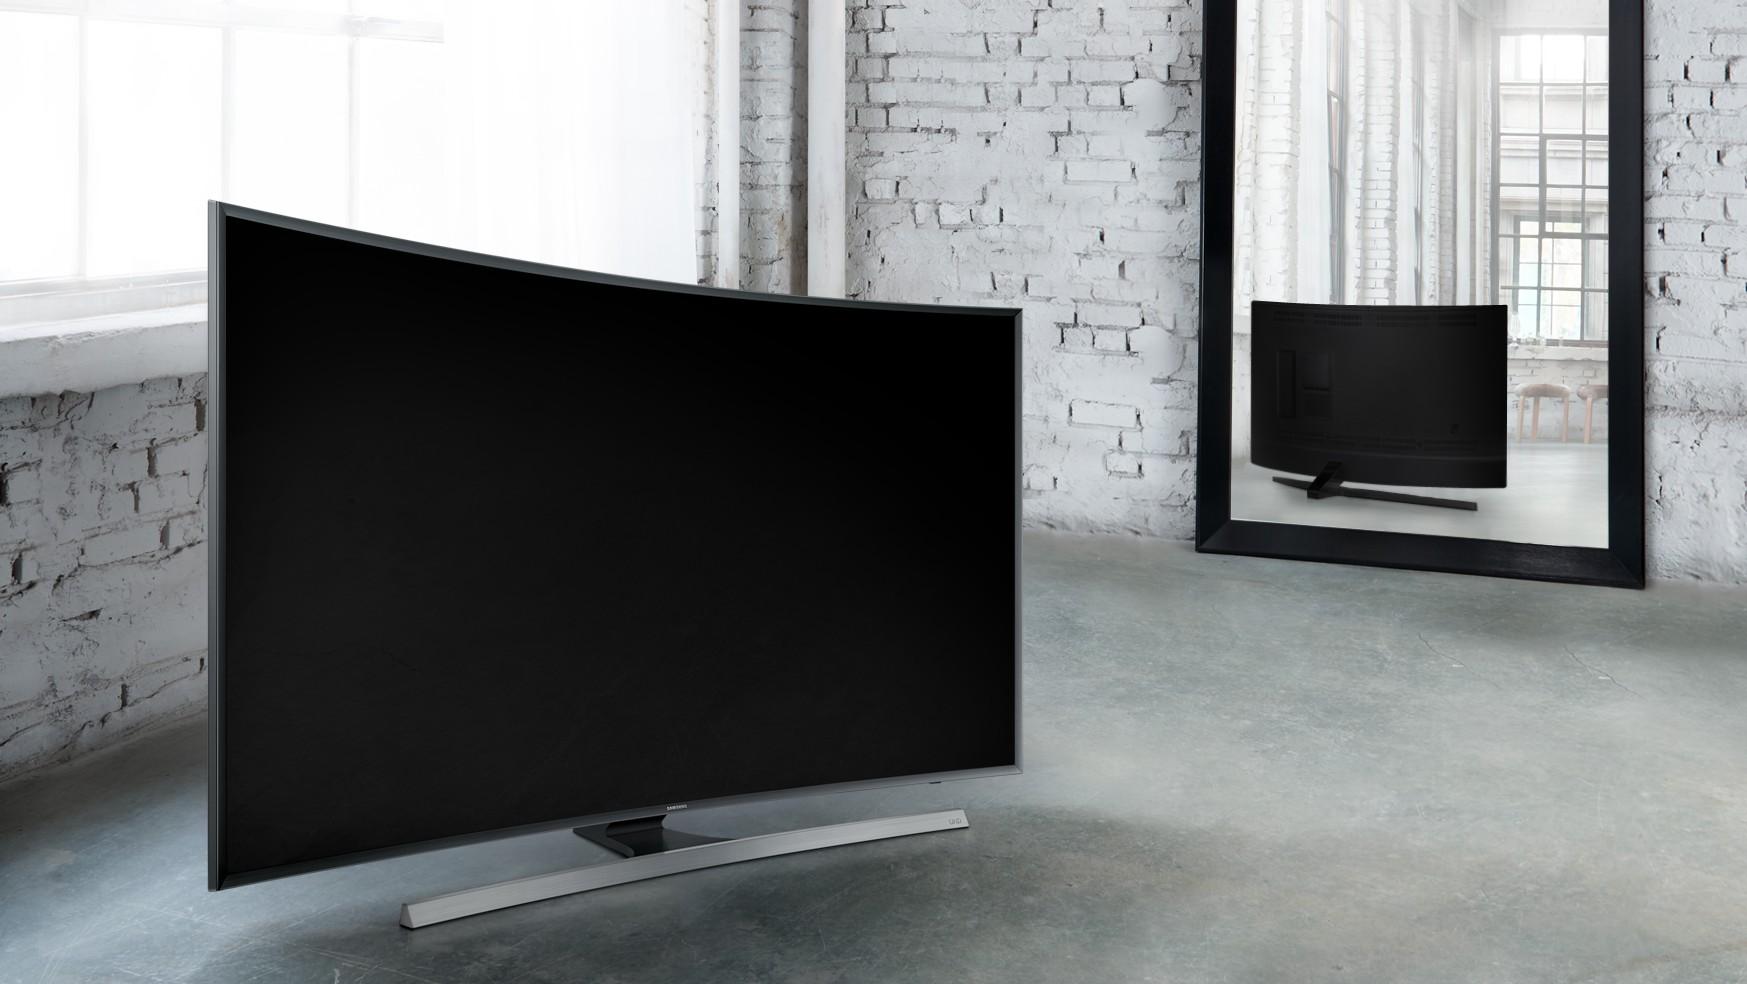 Mua tivi hãng nào tốt? Giữa Sony, Samsung và LG - Nhà Đẹp Số (5)